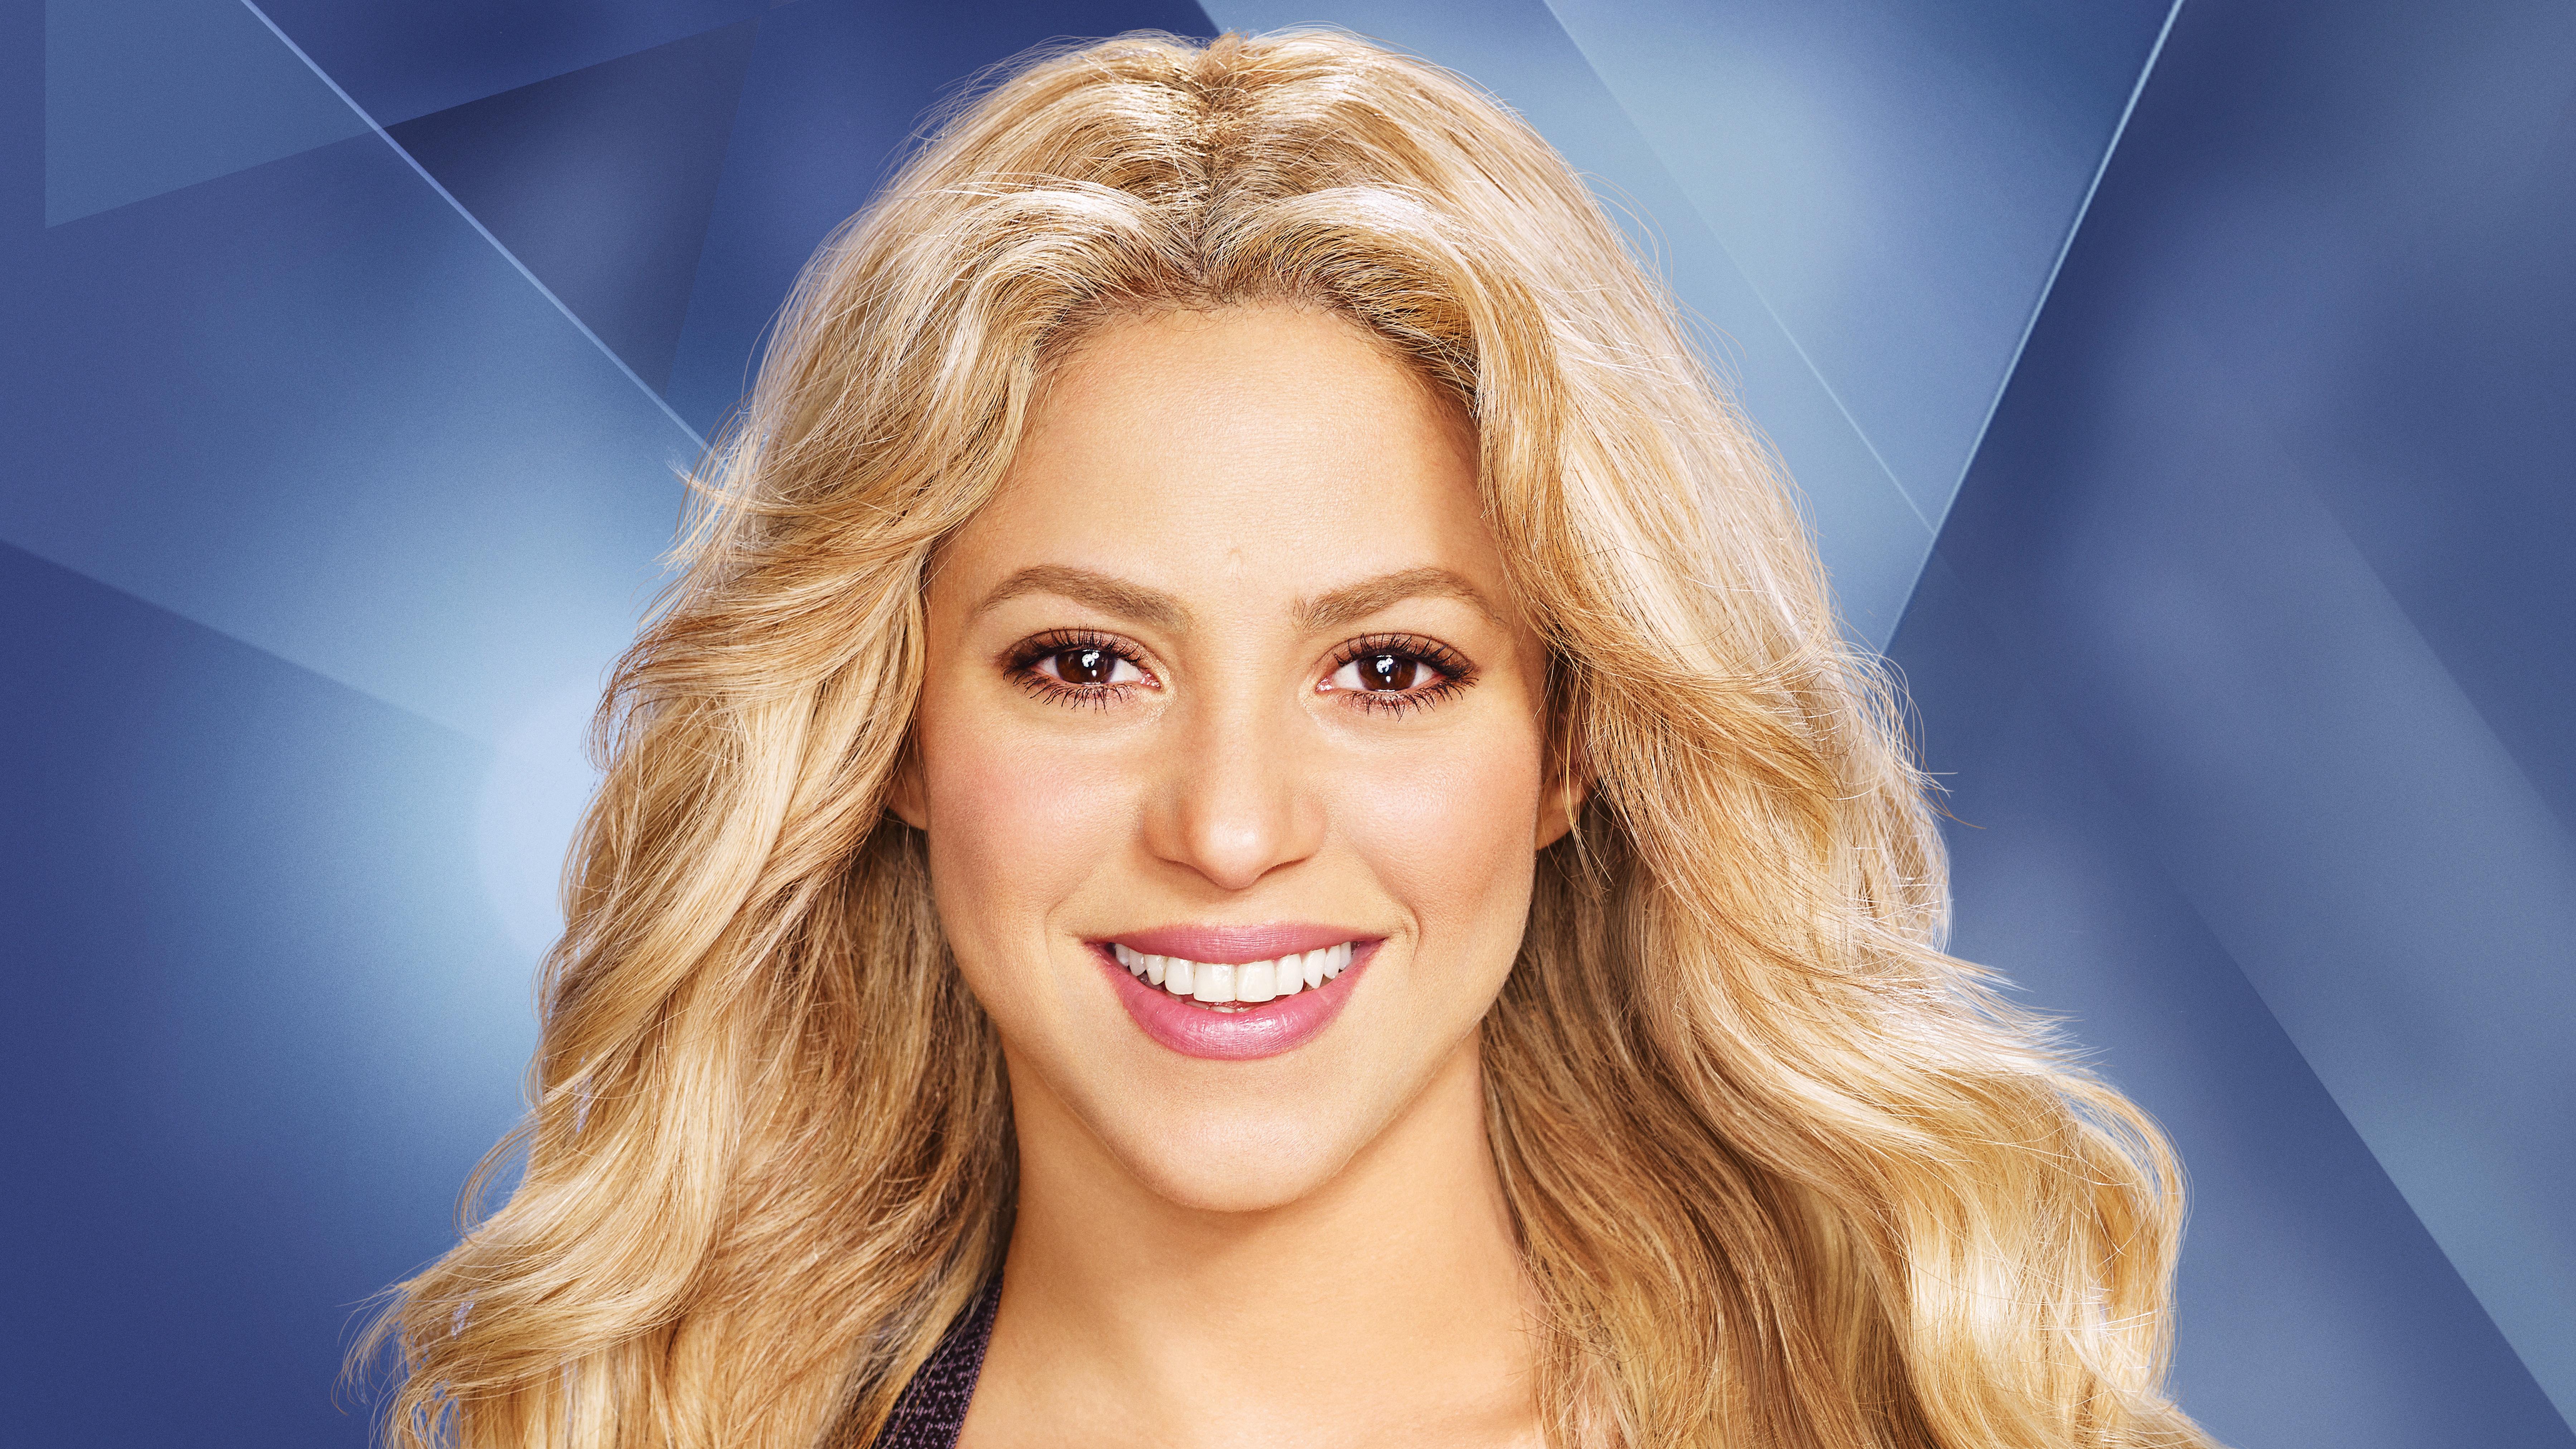 Обои Шакира, знаменитость, волосы, лицо, блондин в разрешении 1366x768